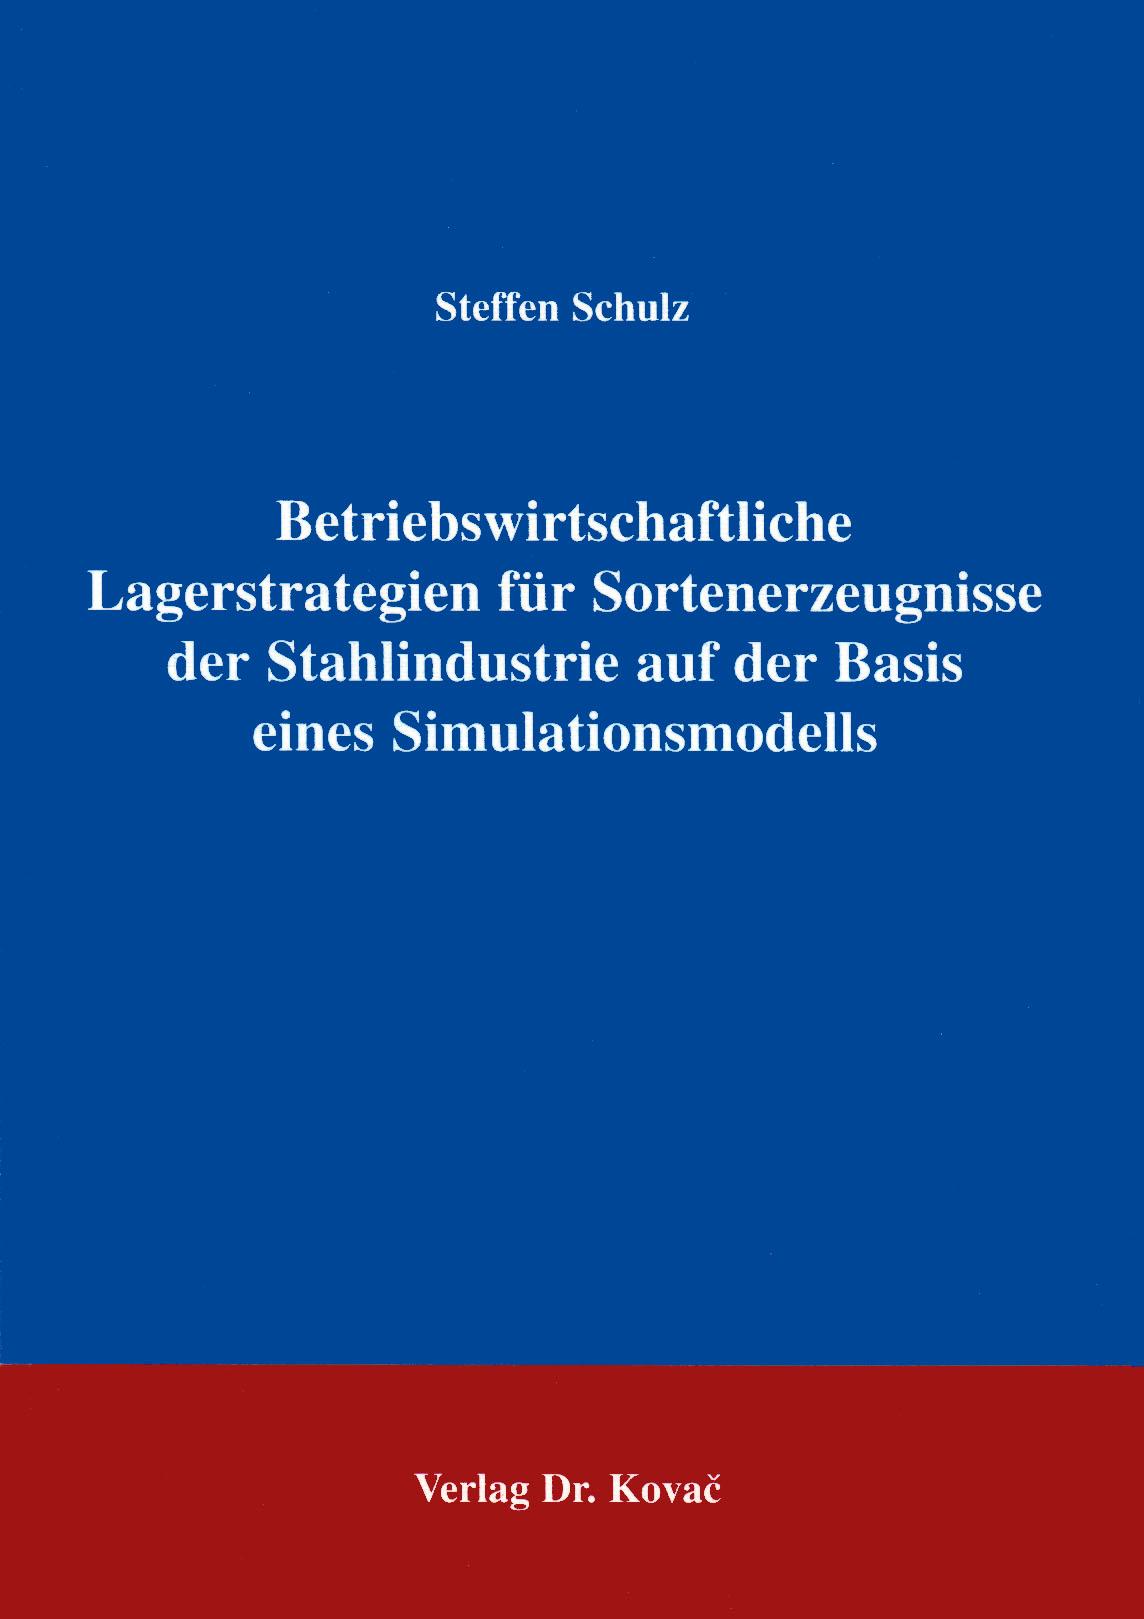 Cover: Betriebswirtschaftliche Lagerstrategien für Sortenerzeugnisse der Stahlindustrie auf der Basis eines Simultanmodells